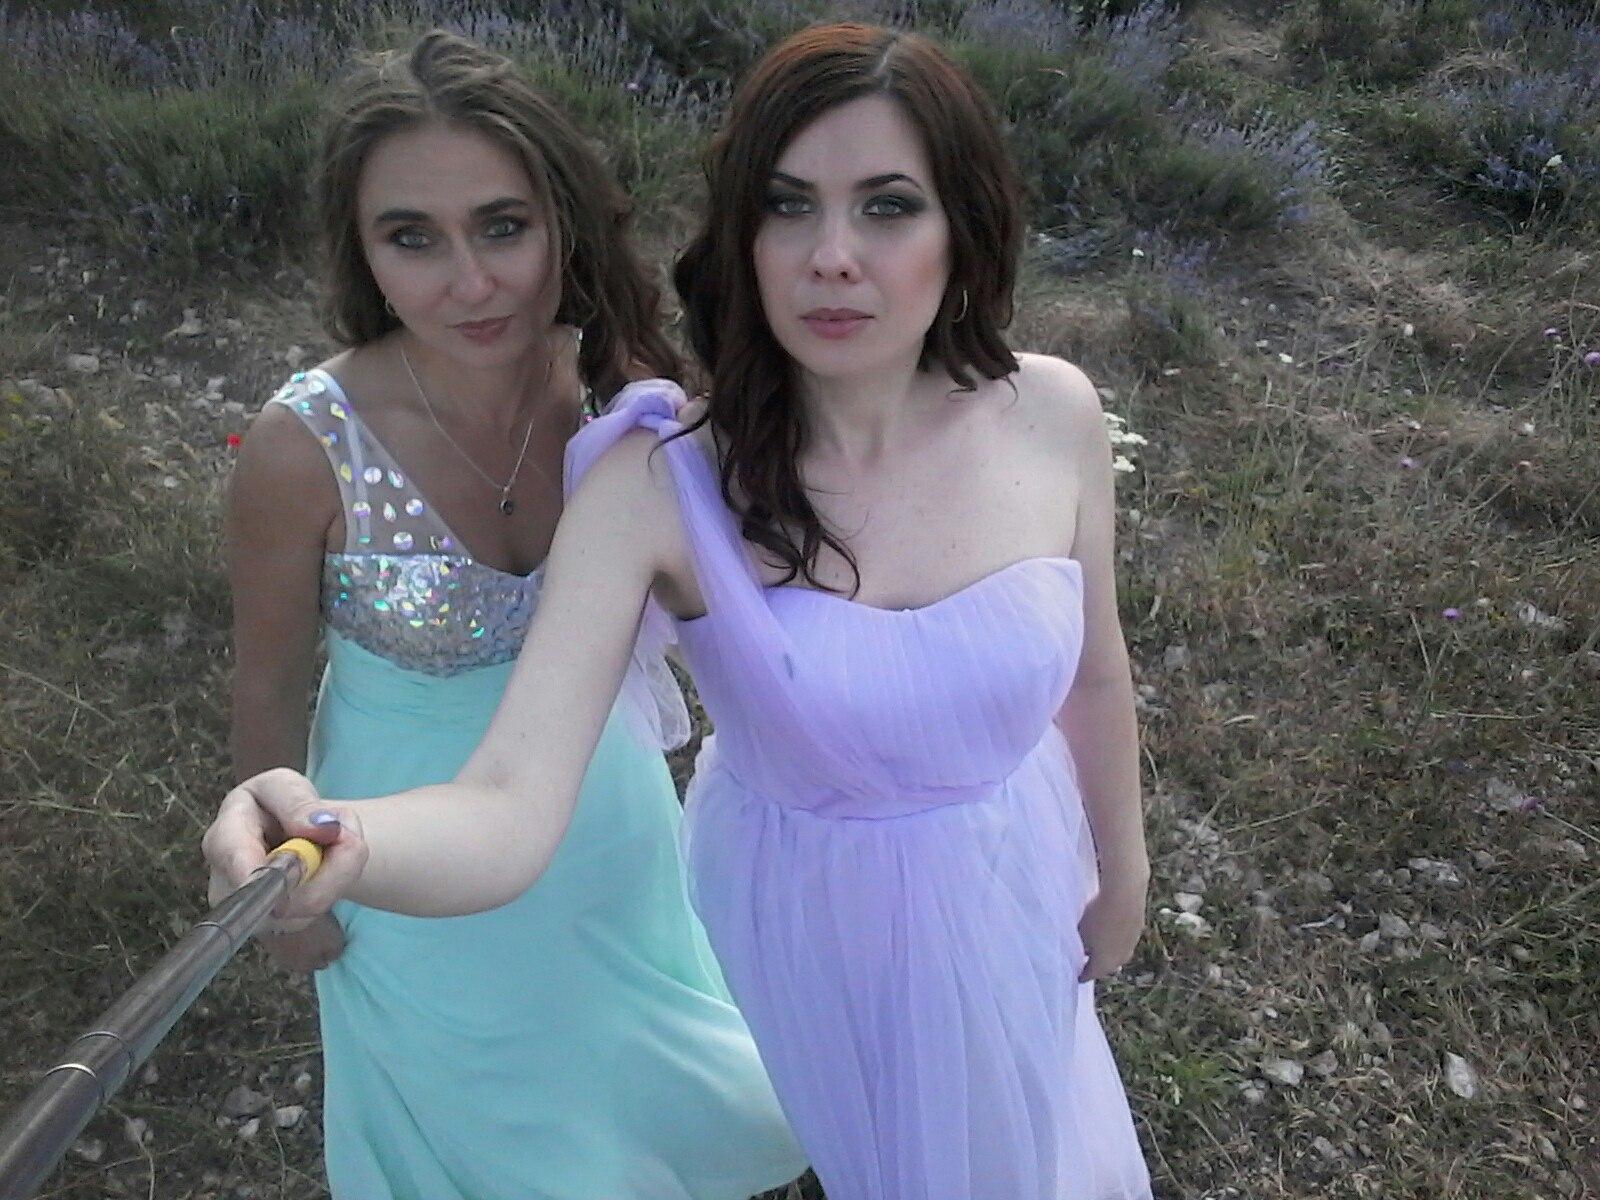 Публикация с тегами: Мода и красота, Видеочат, Девушки